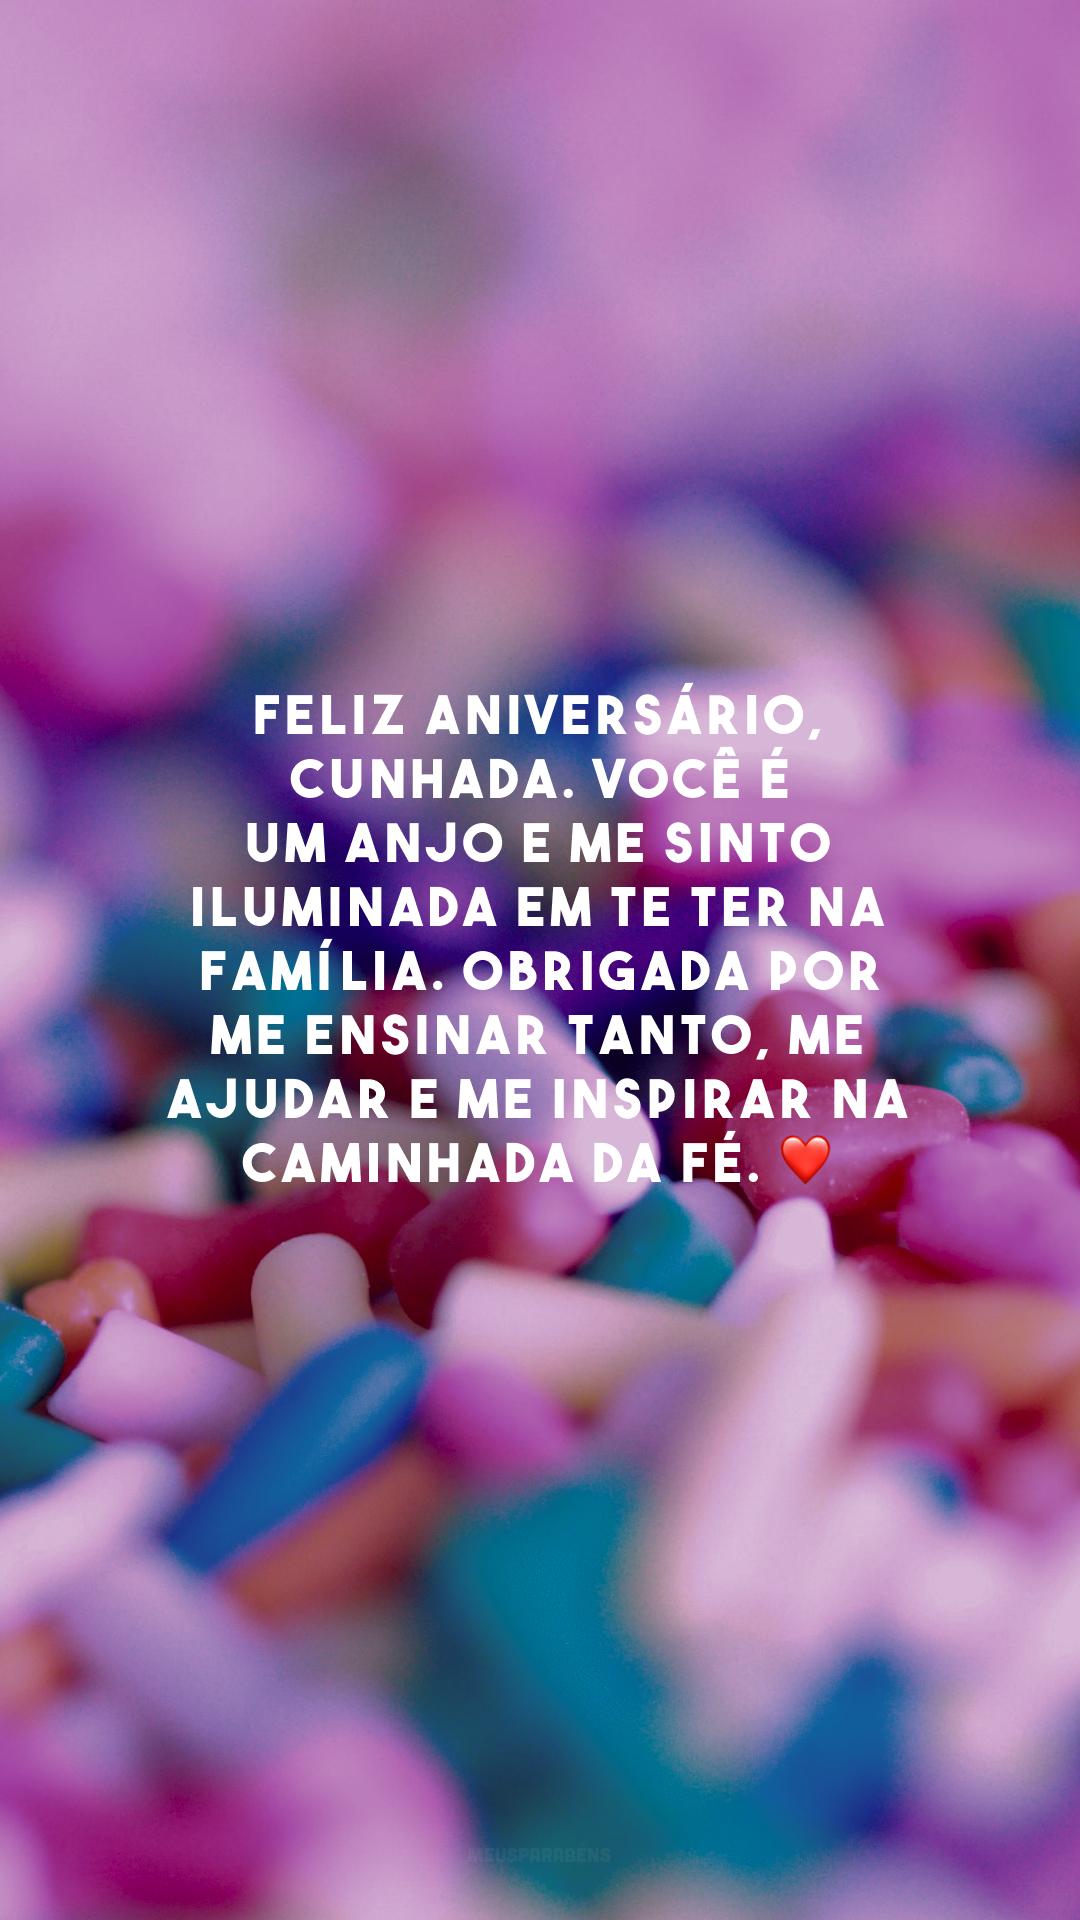 Feliz aniversário, cunhada. Você é um anjo e me sinto iluminada em te ter na família. Obrigada por me ensinar tanto, me ajudar e me inspirar na caminhada da fé. ❤️